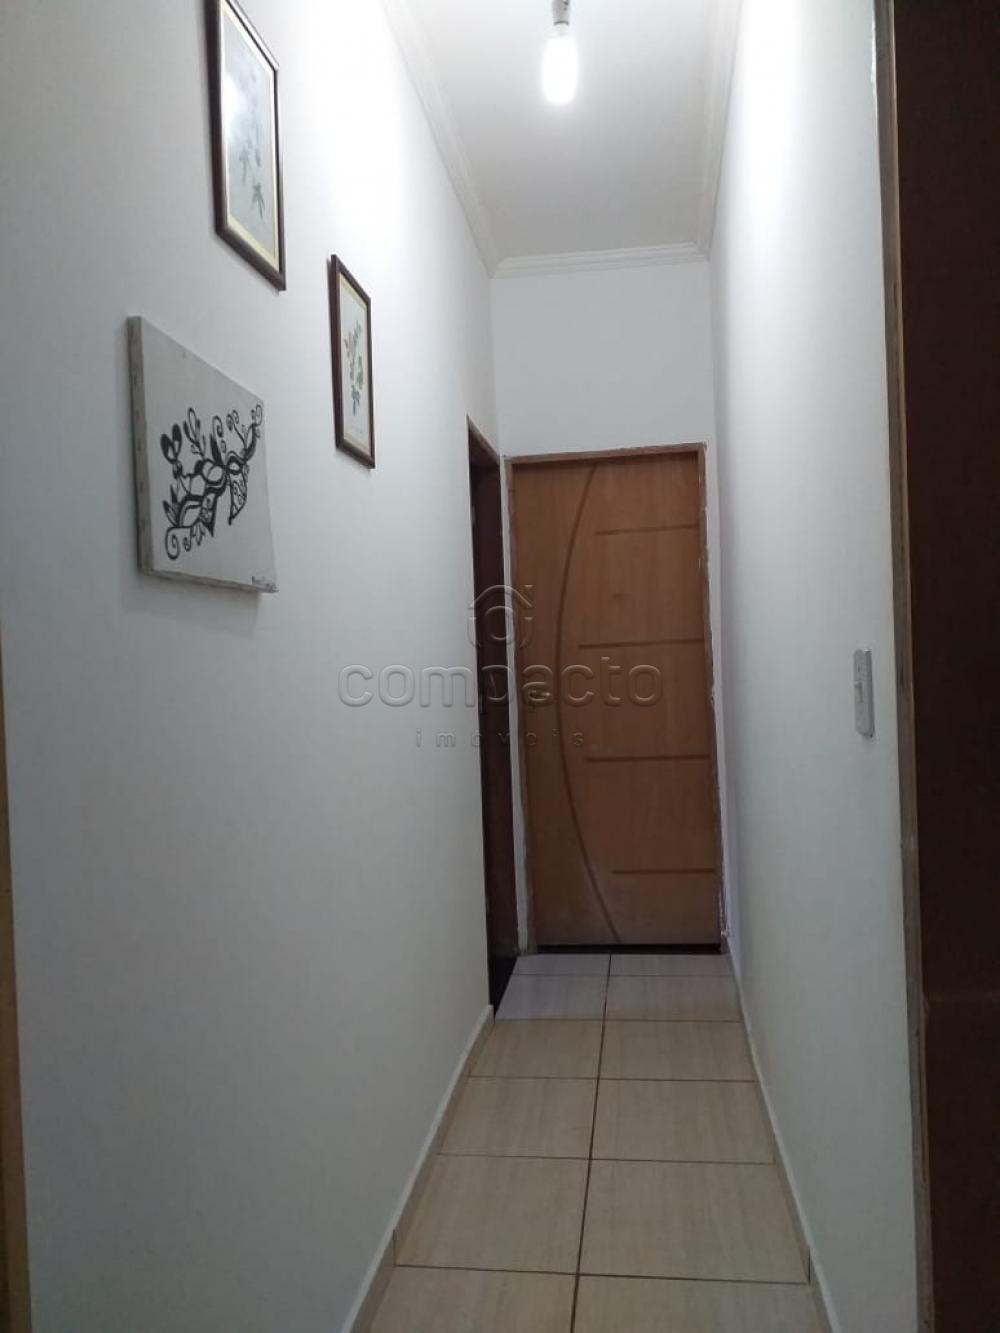 Comprar Casa / Padrão em São José do Rio Preto apenas R$ 185.000,00 - Foto 6